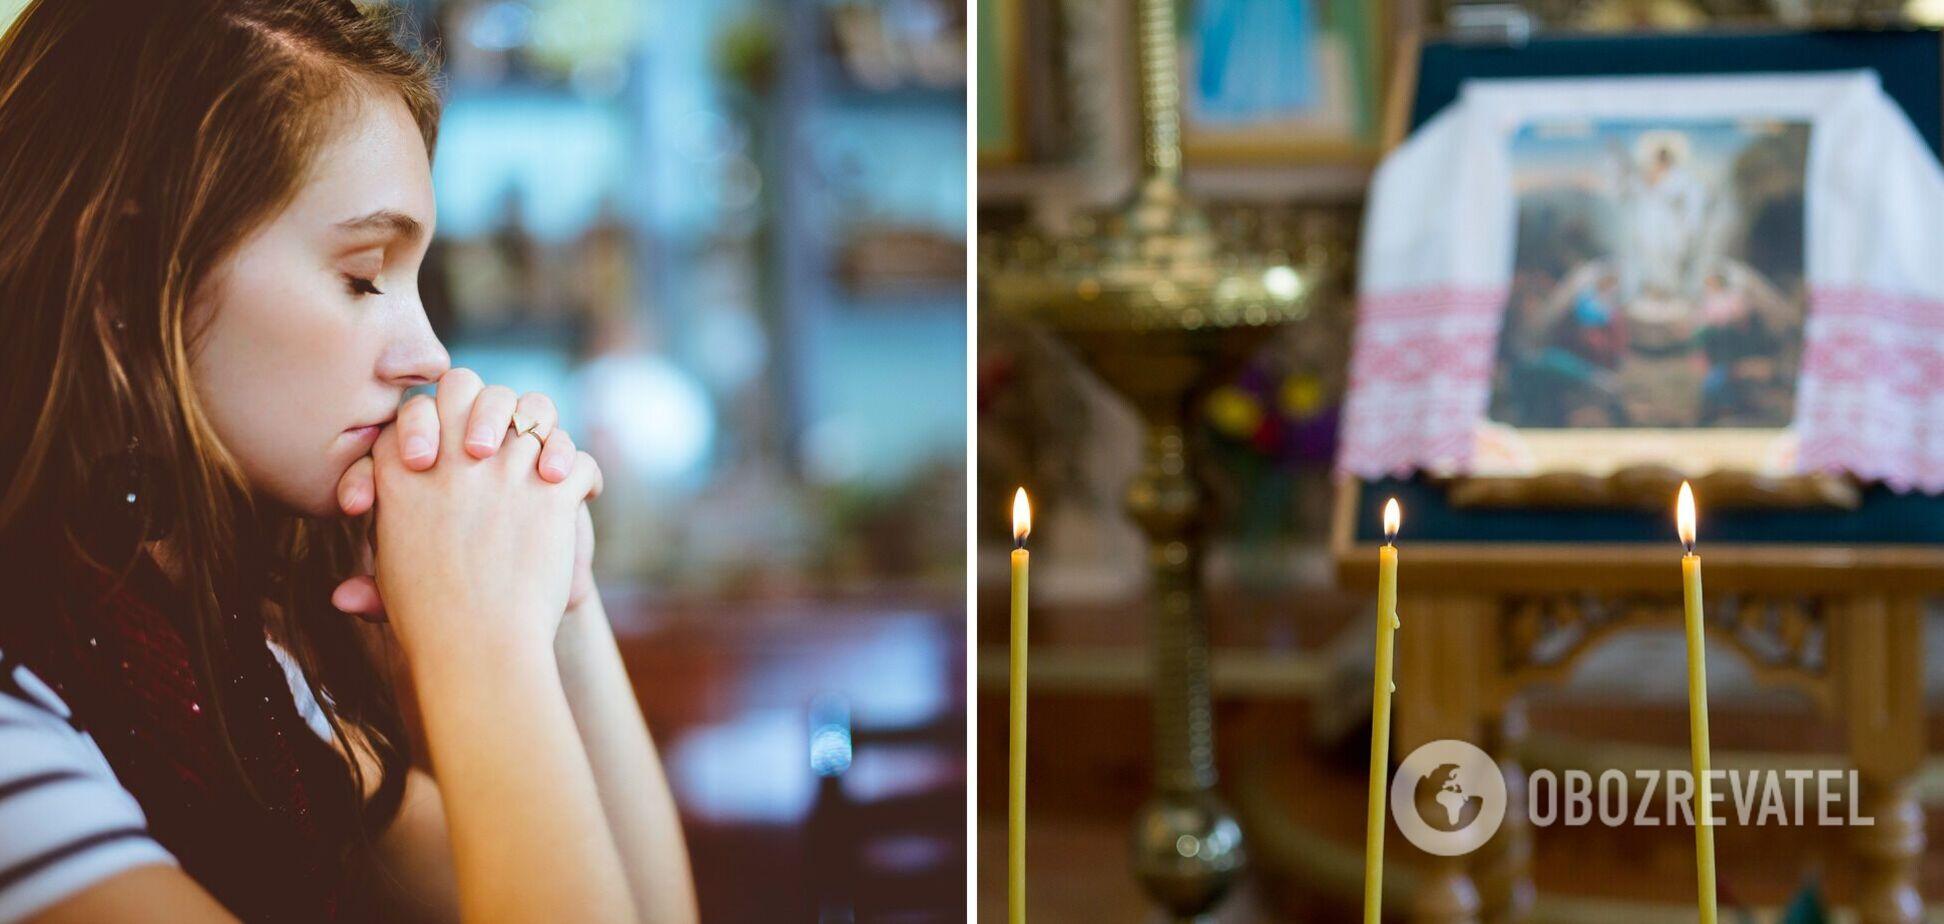 Підносити молитви необхідно щиро, з вірою і чистими помислами